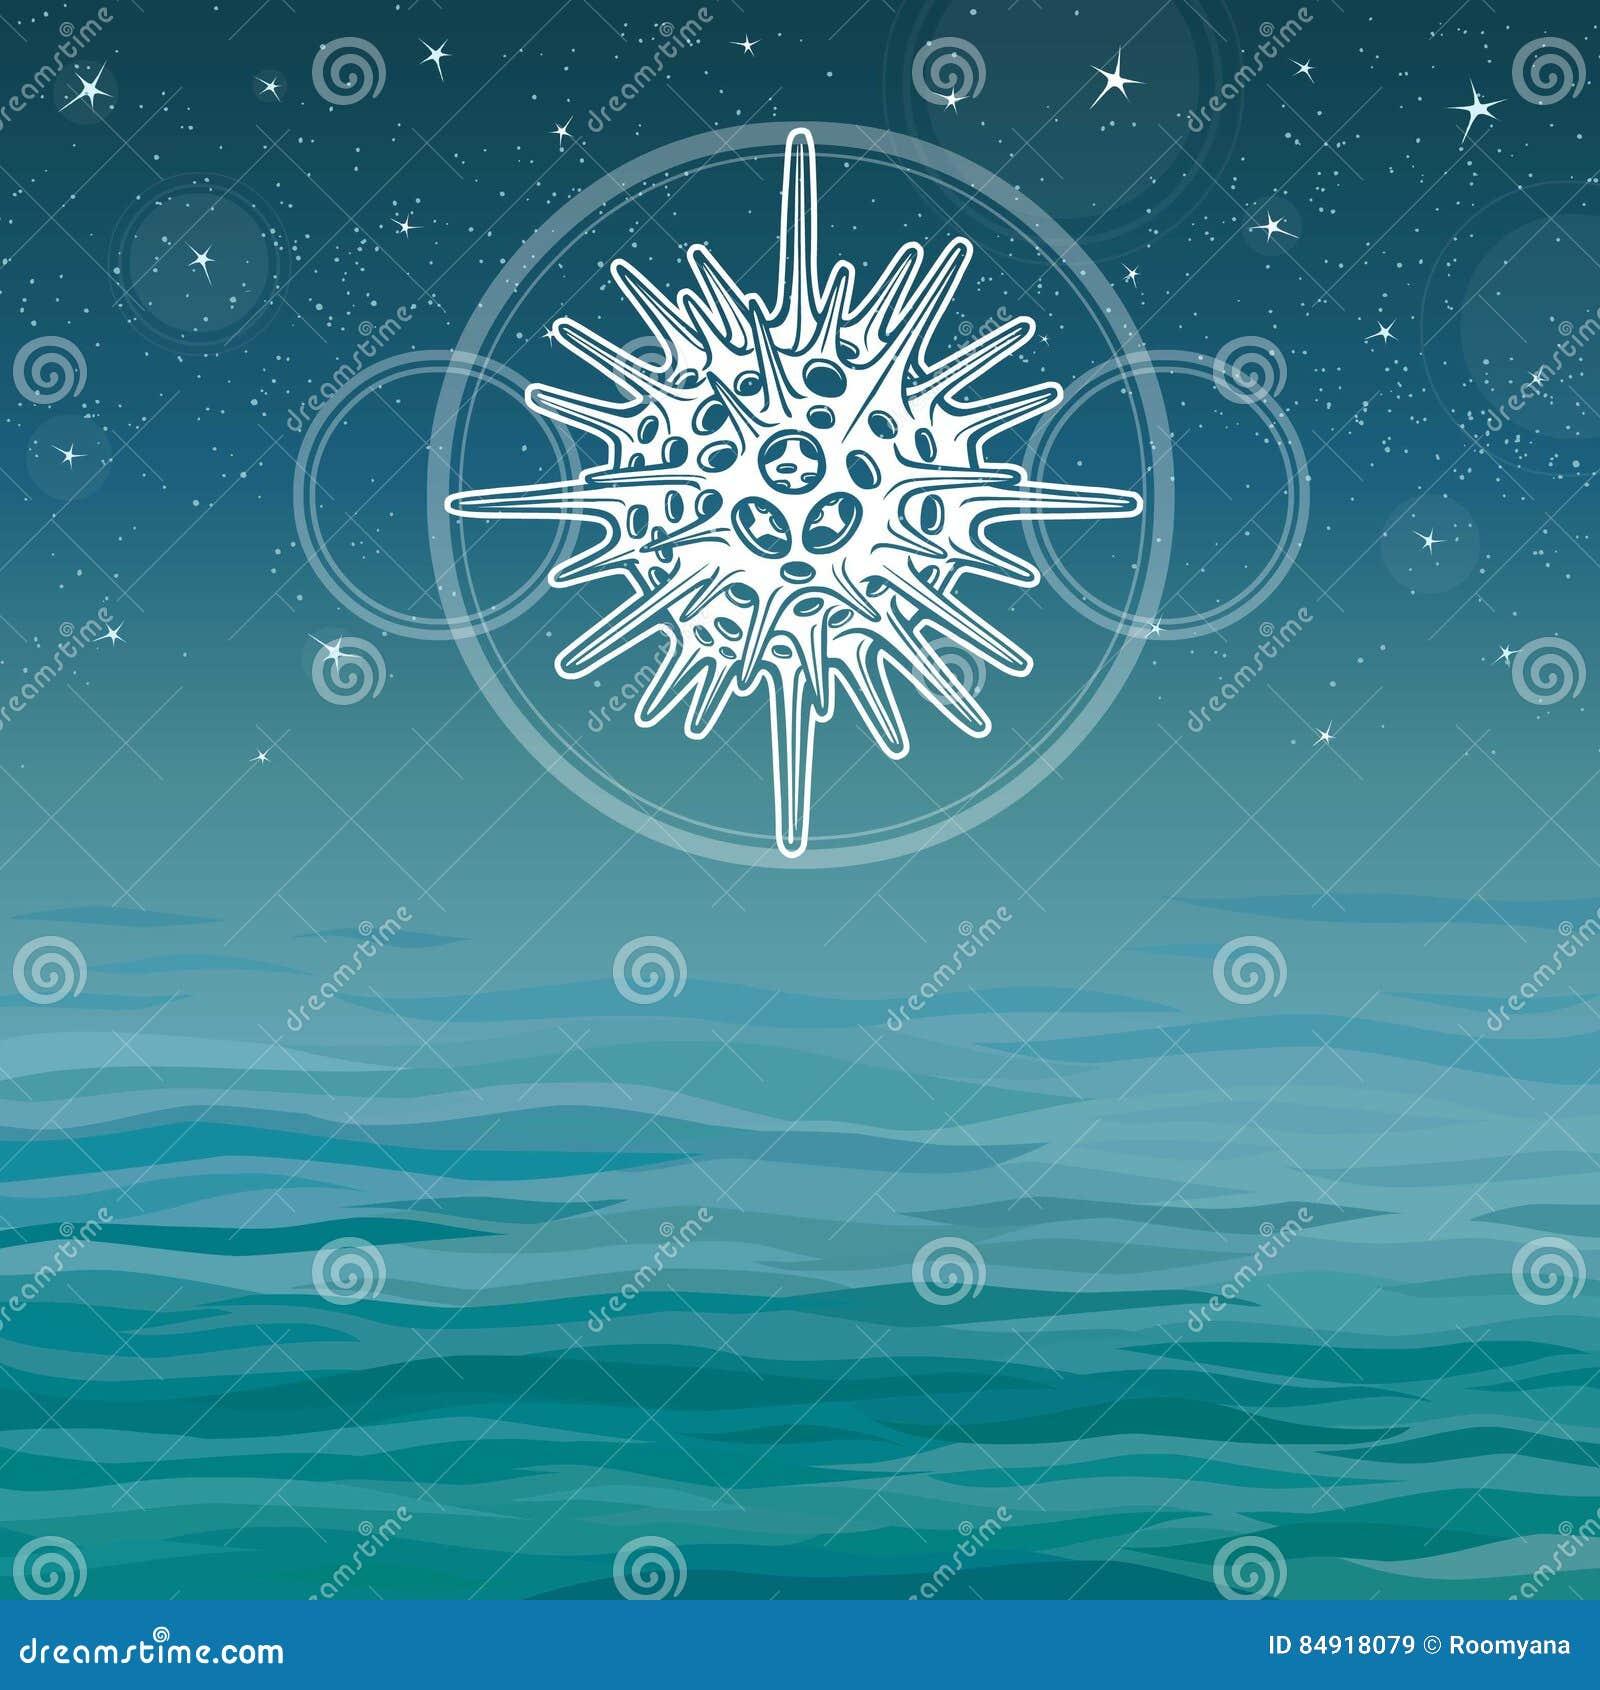 Dibujo estilizado de un radiolario - el mamífero marino elemental